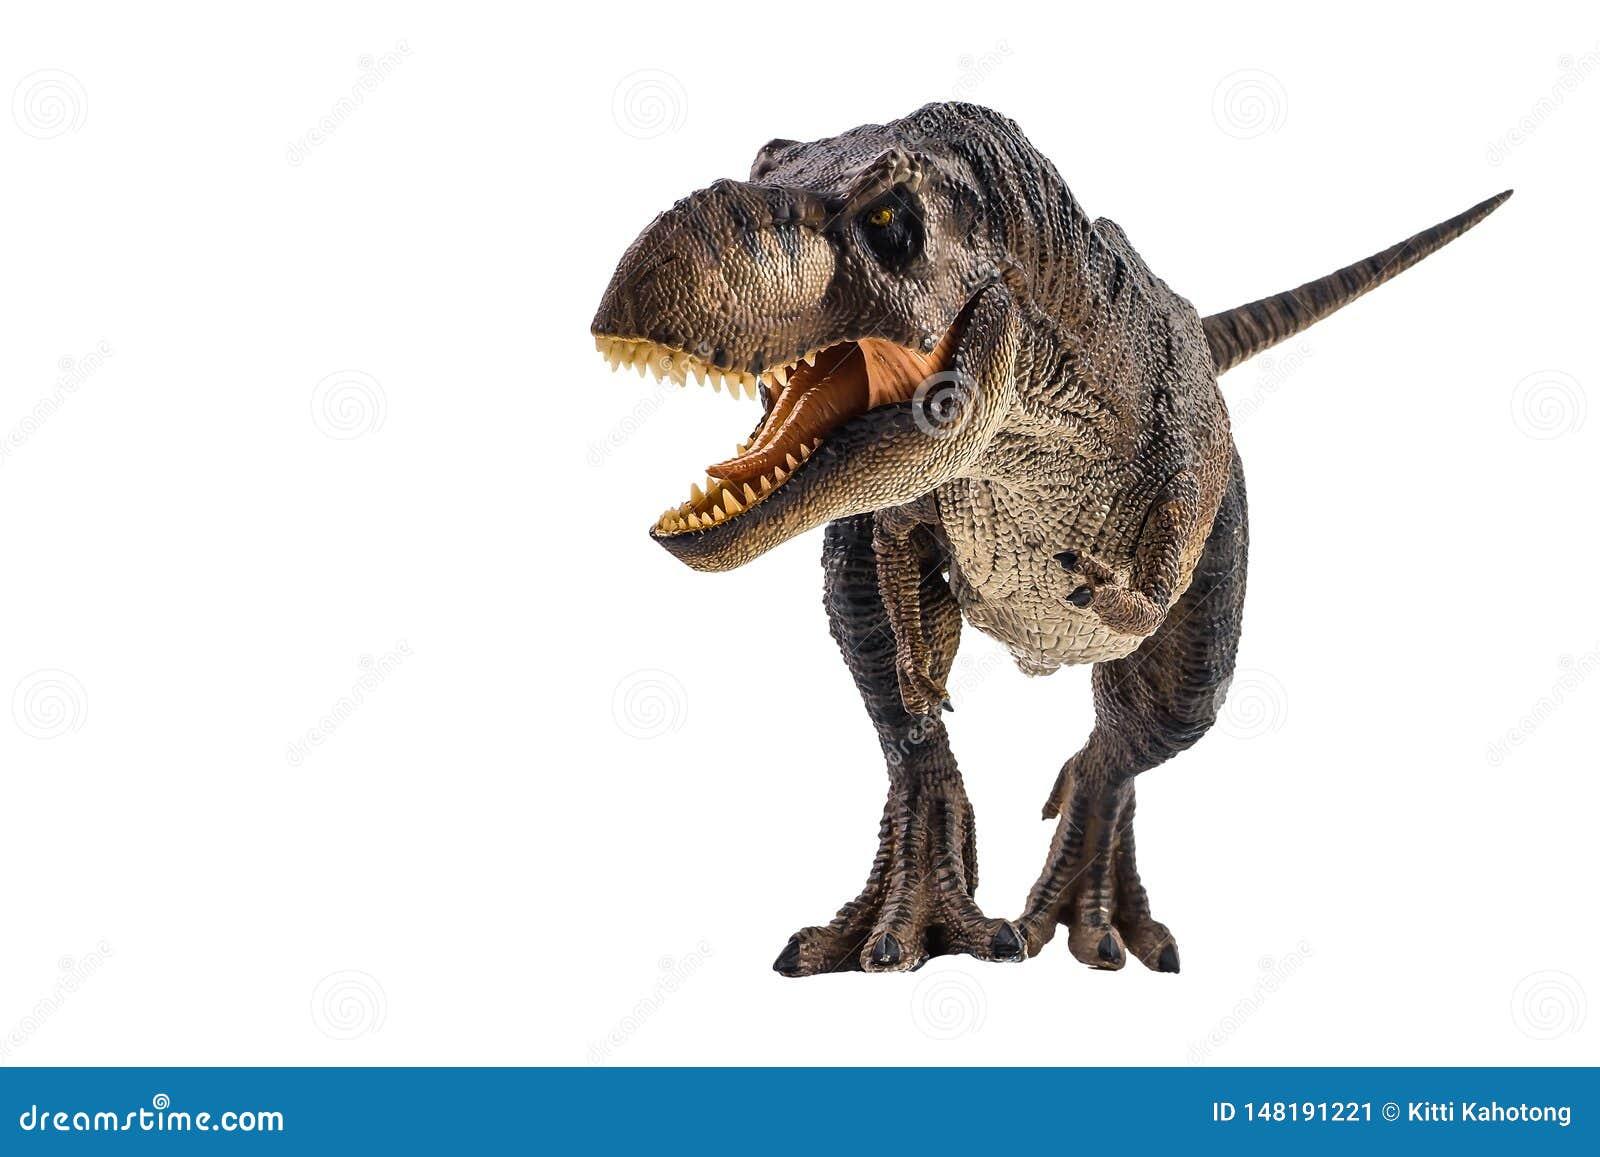 tyrannosaurus trex dinosaurier auf weiem hintergrund